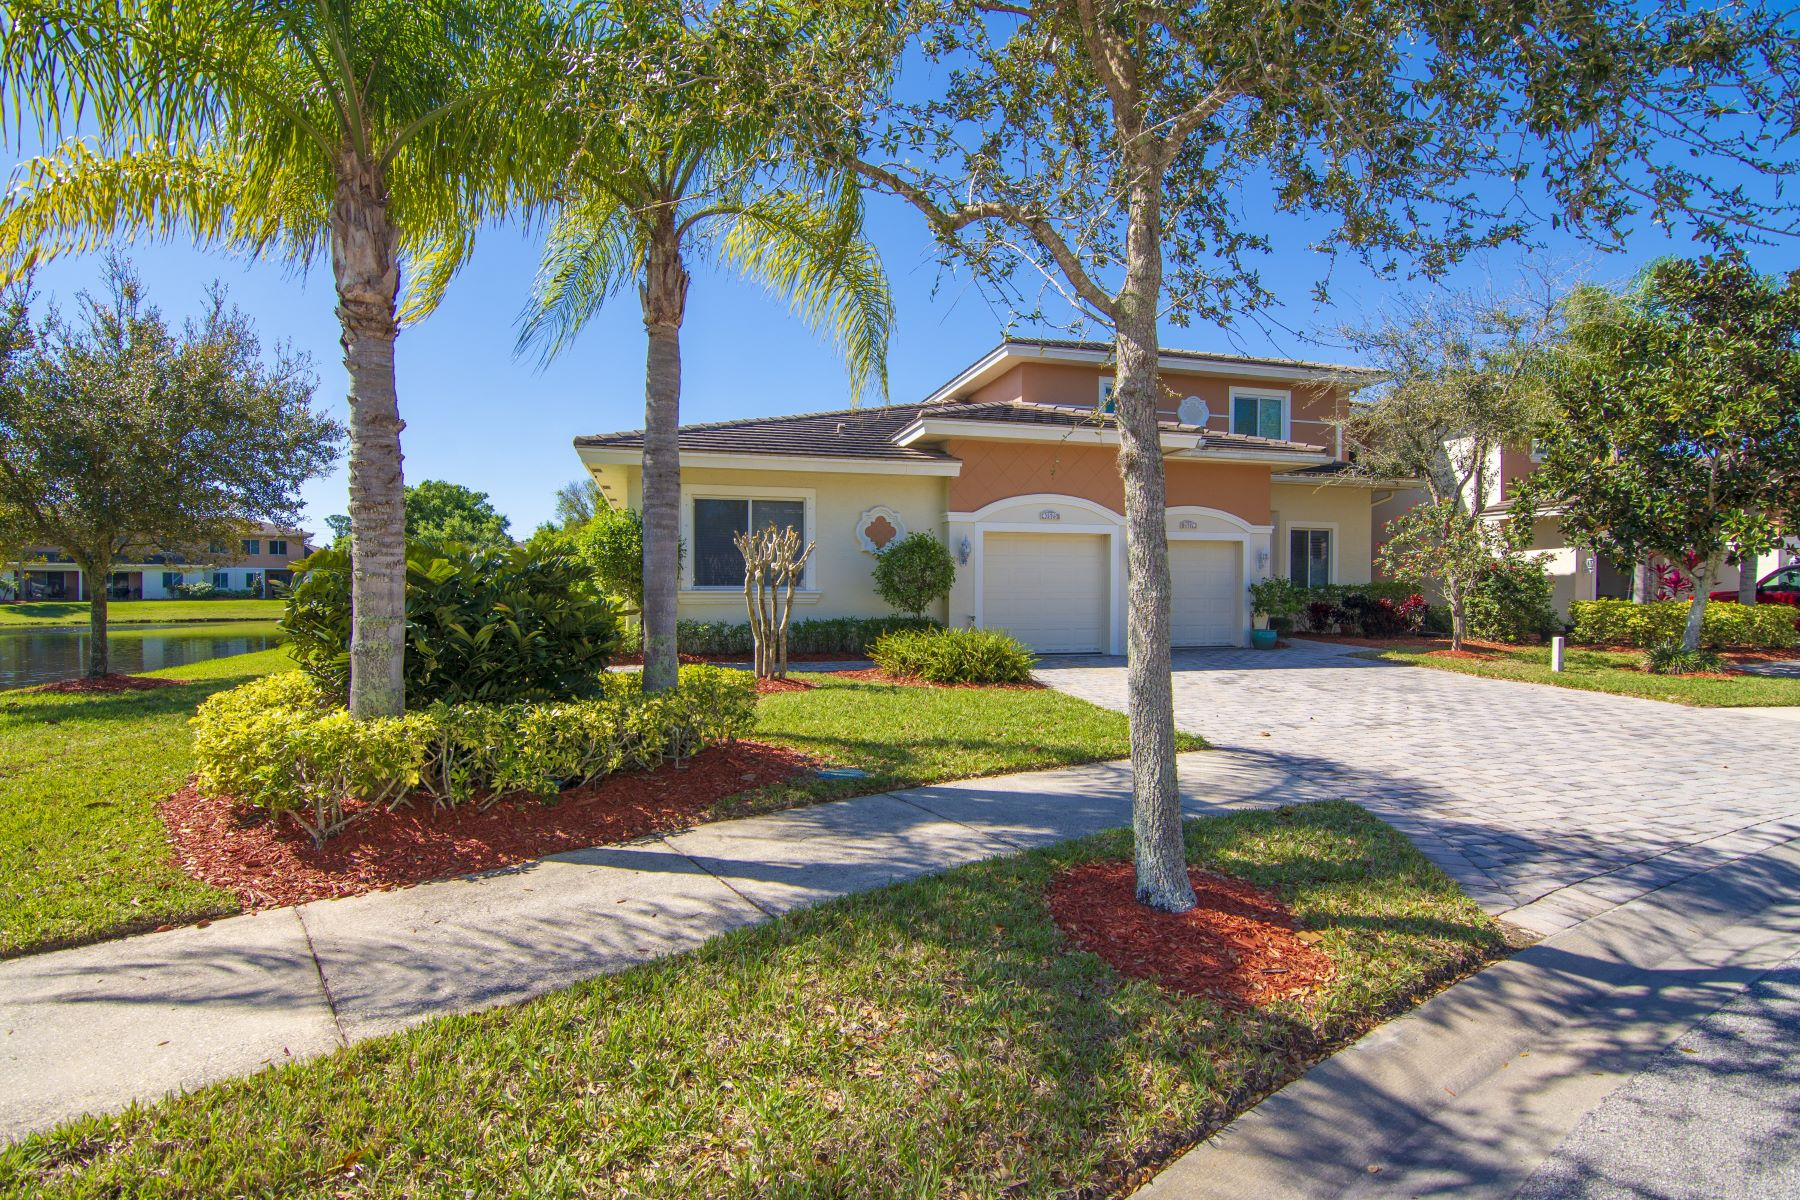 for Sale at 2527 Stockbridge Square Sw Vero Beach, Florida 32962 United States